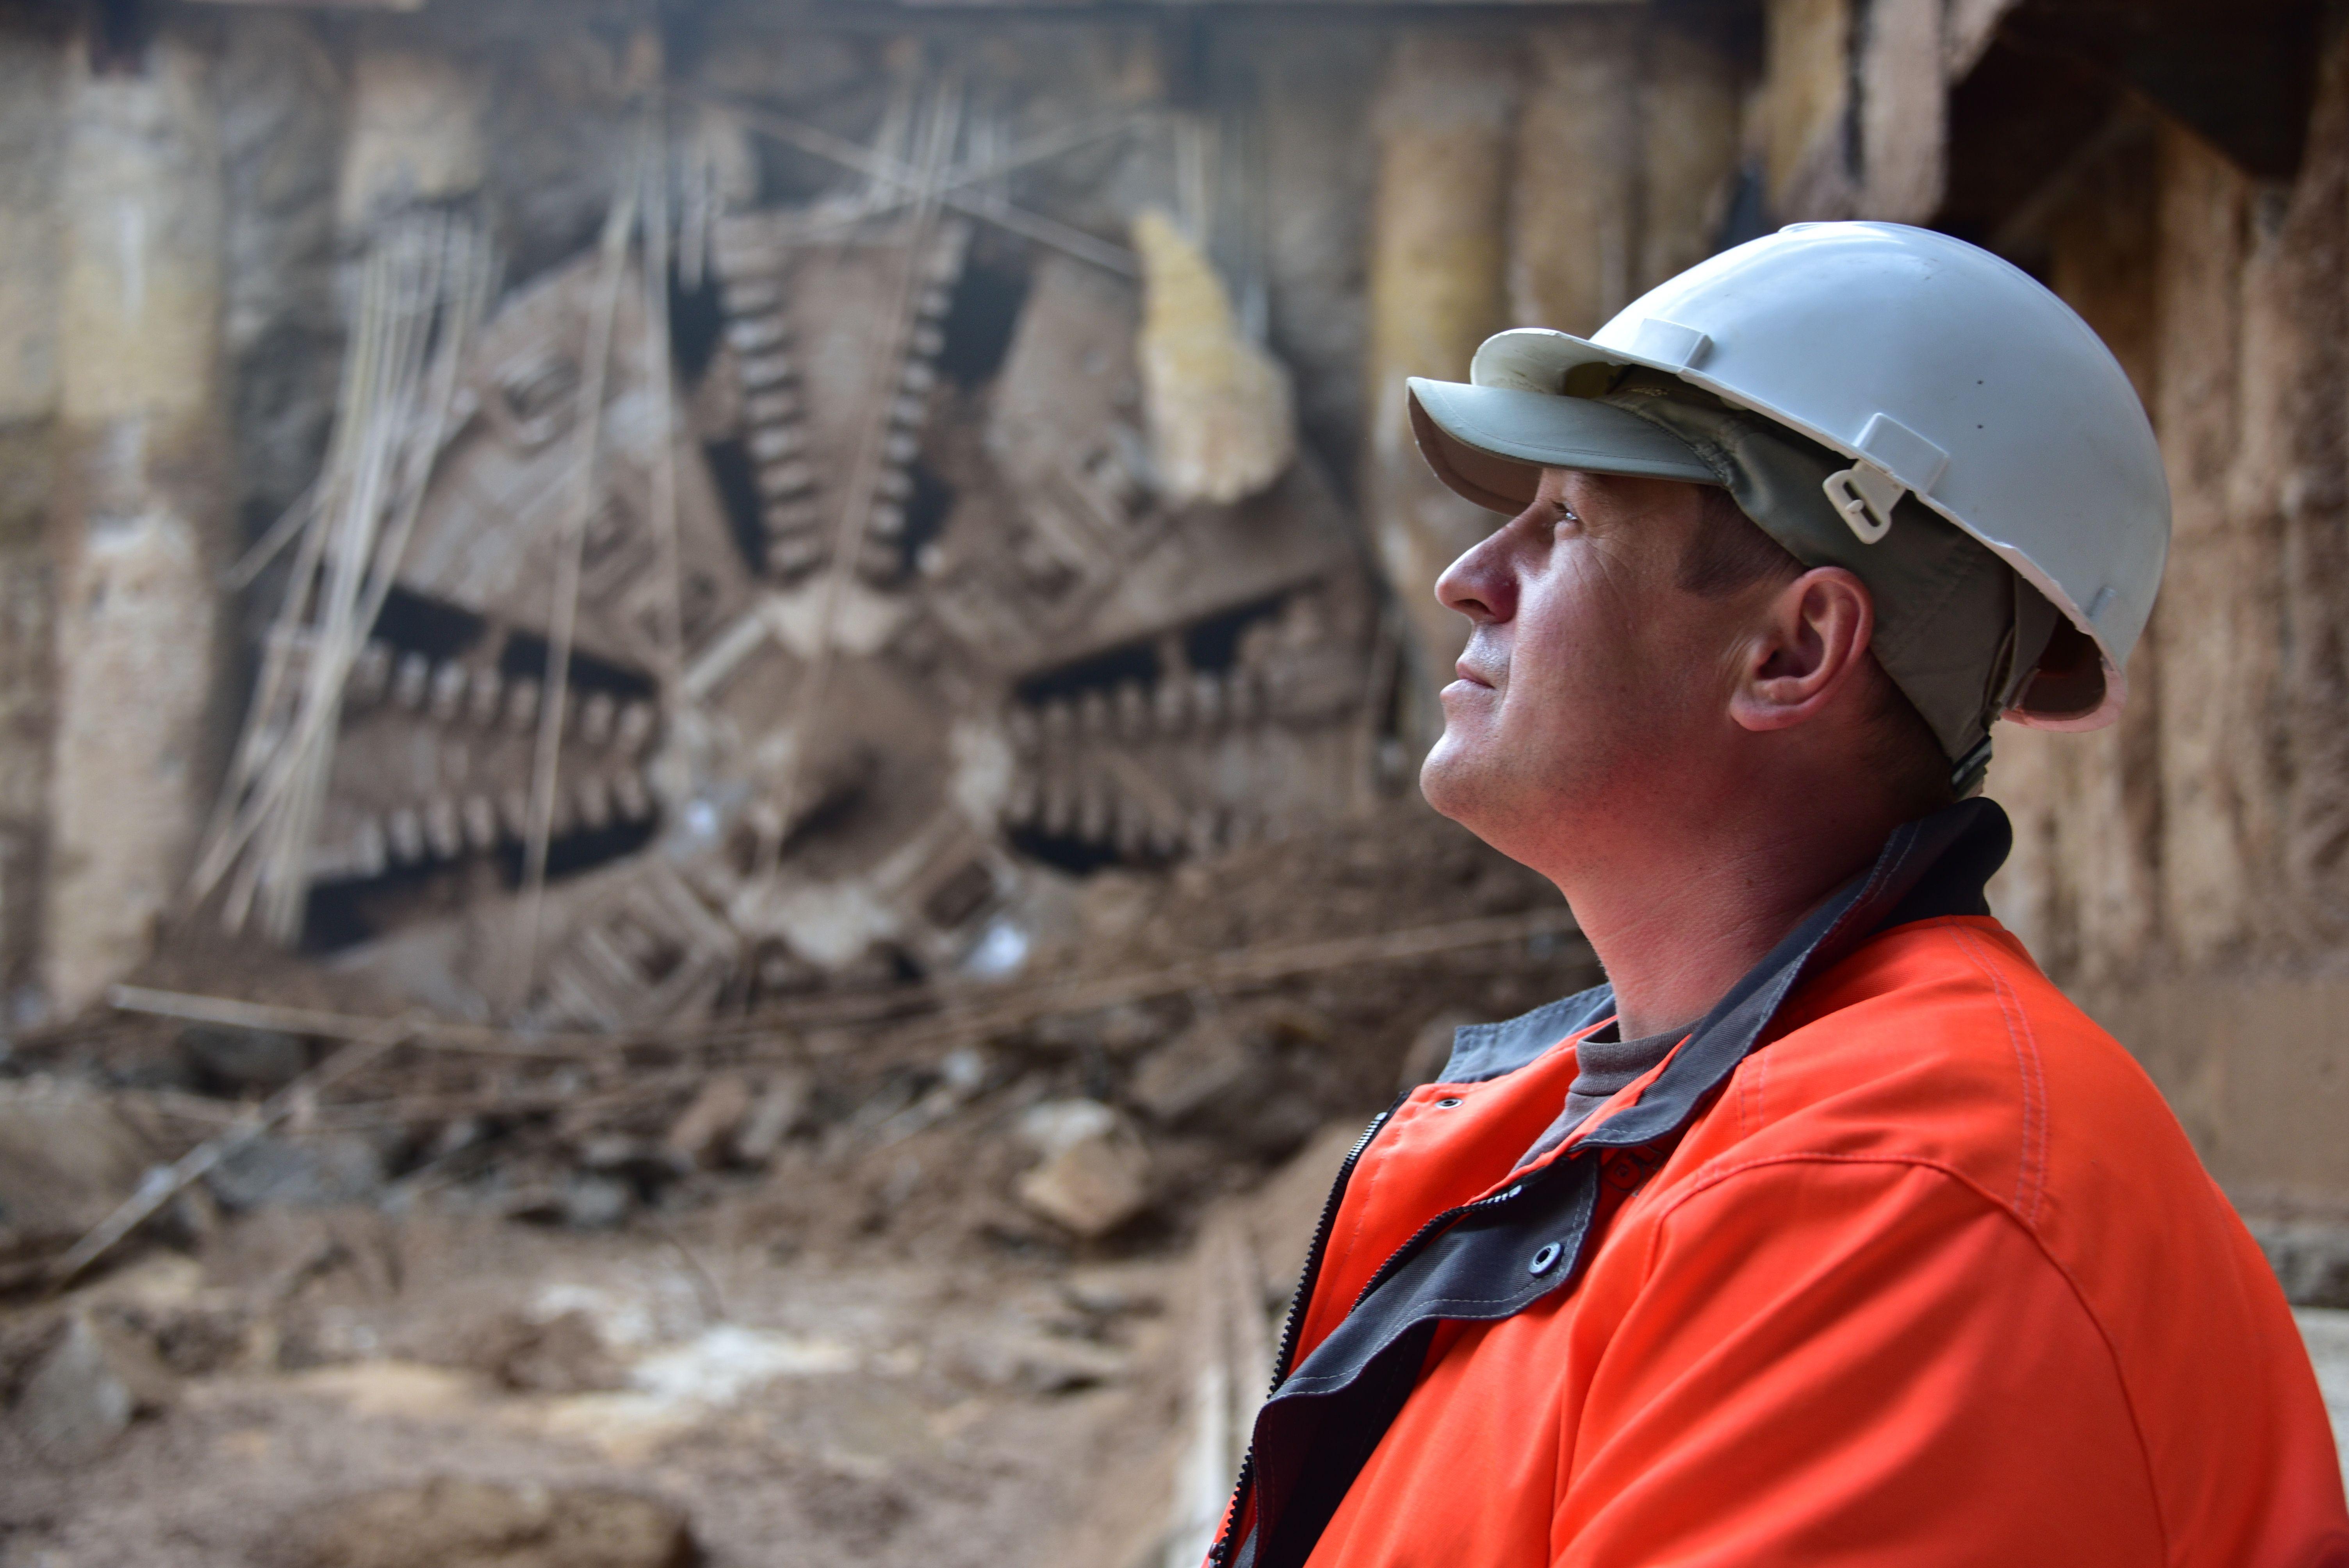 Восьмой тоннель Коммунарской линии метро начали строить на юго-западе Москвы